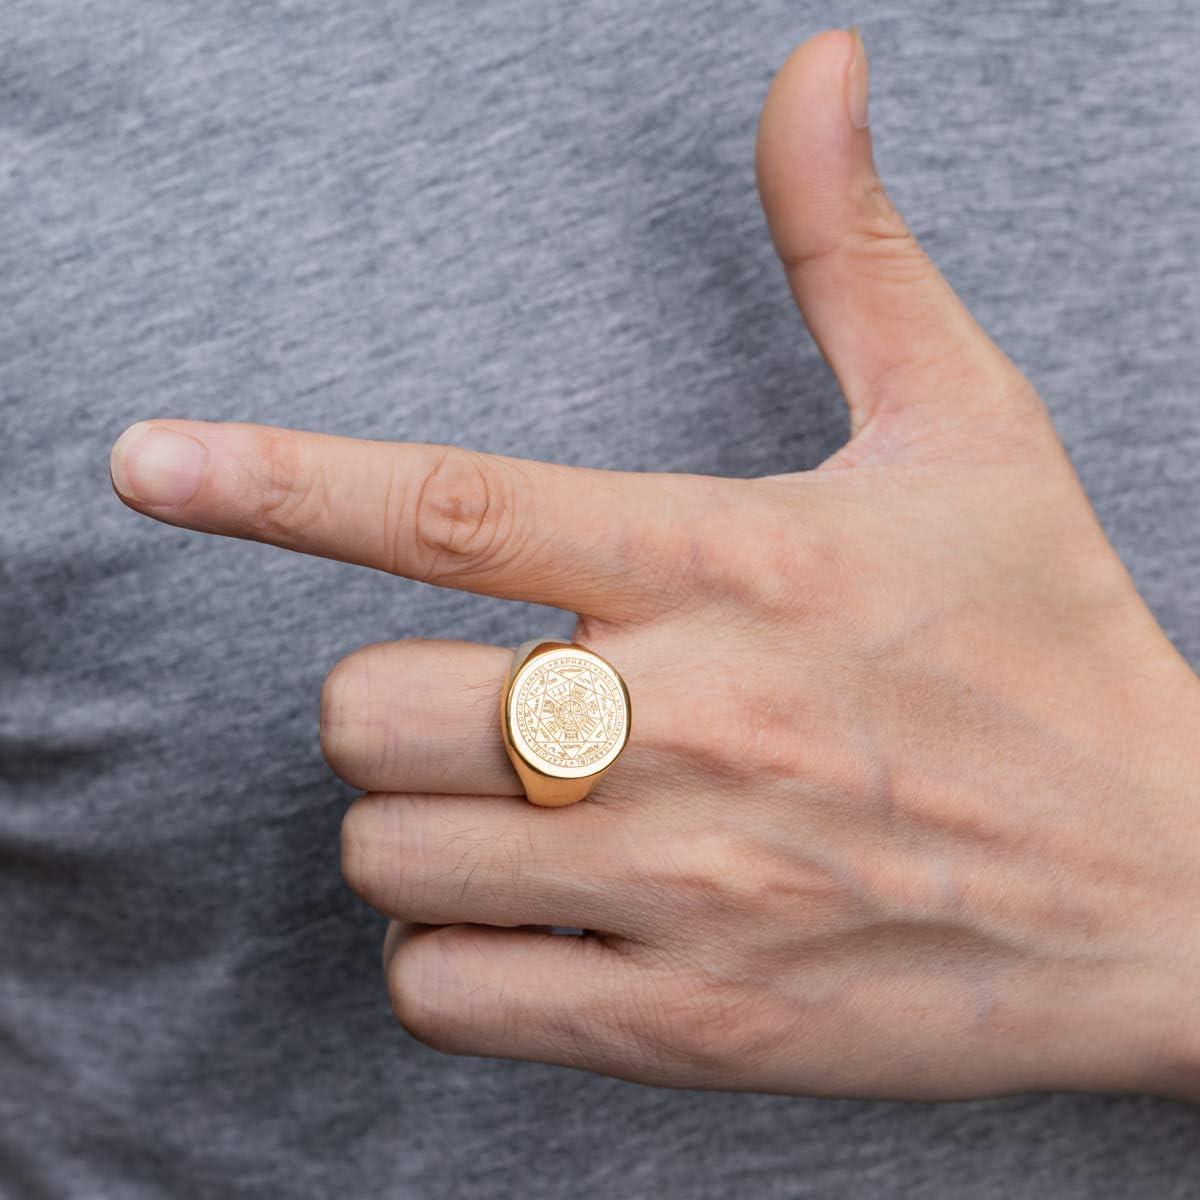 Or 18K// Noir Taille 54-70 Valily Homme Bague Sceau des 7 archanges Talisman de Protection Acier Inoxydable 316L